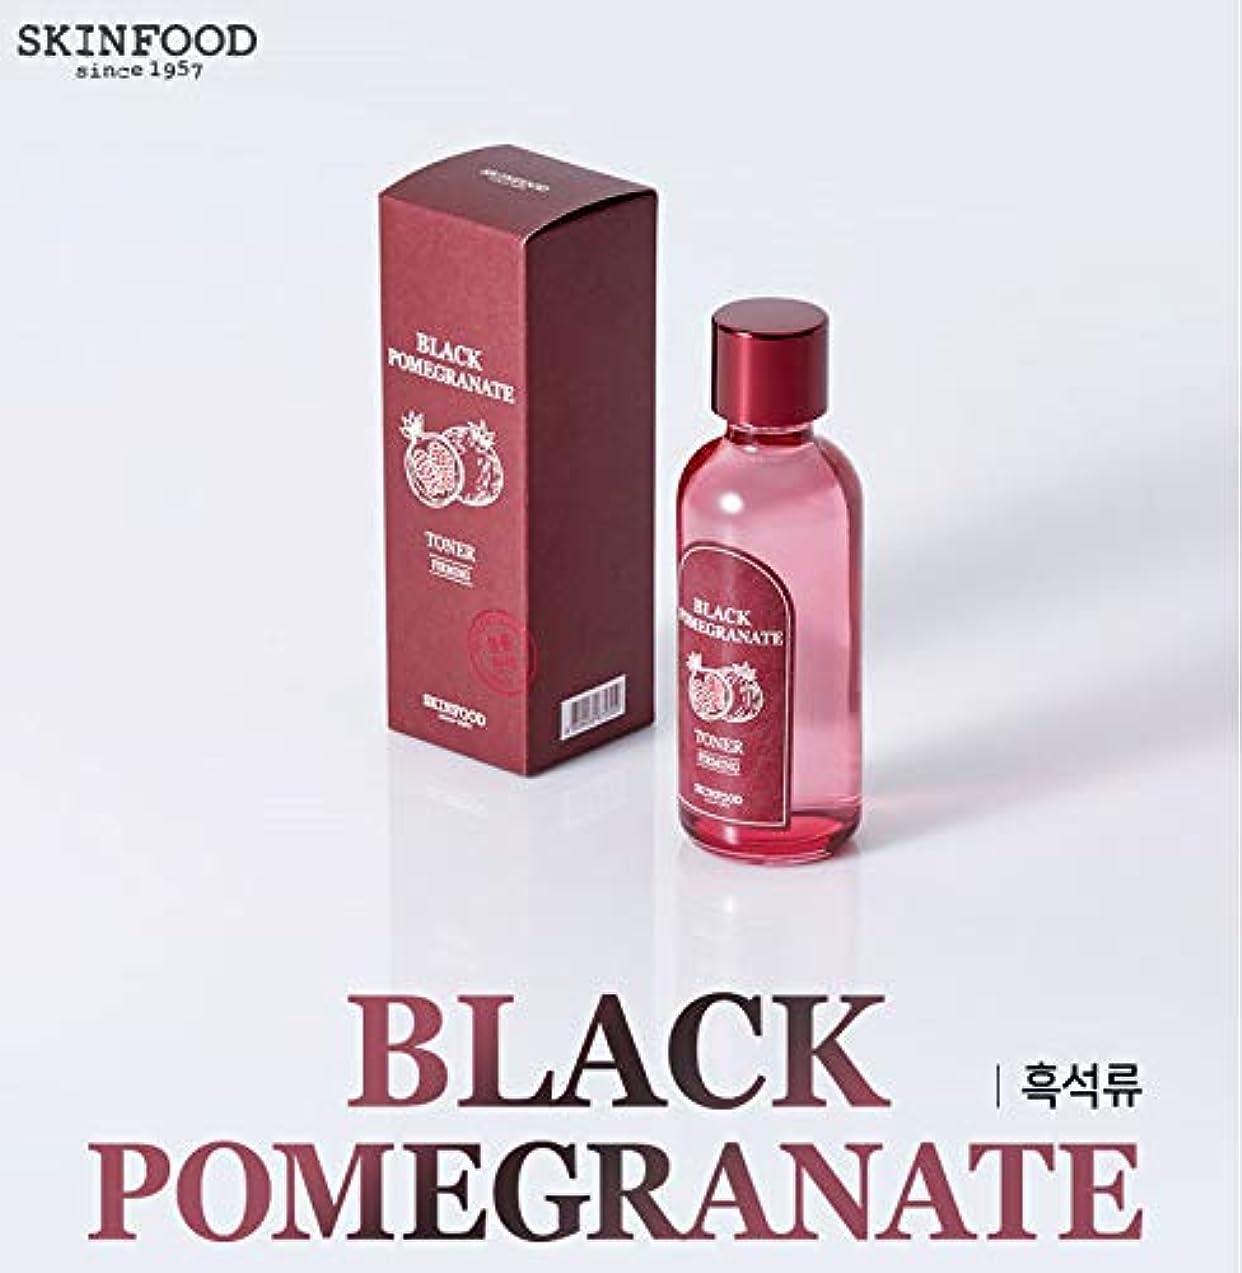 非互換破滅顧問[スキンフード] SKINFOOD [黒ザクロ ベースライン] (Black Pomegranate Skin care) (No.01 Black Pomegranate Toner(180ml)) [並行輸入品]